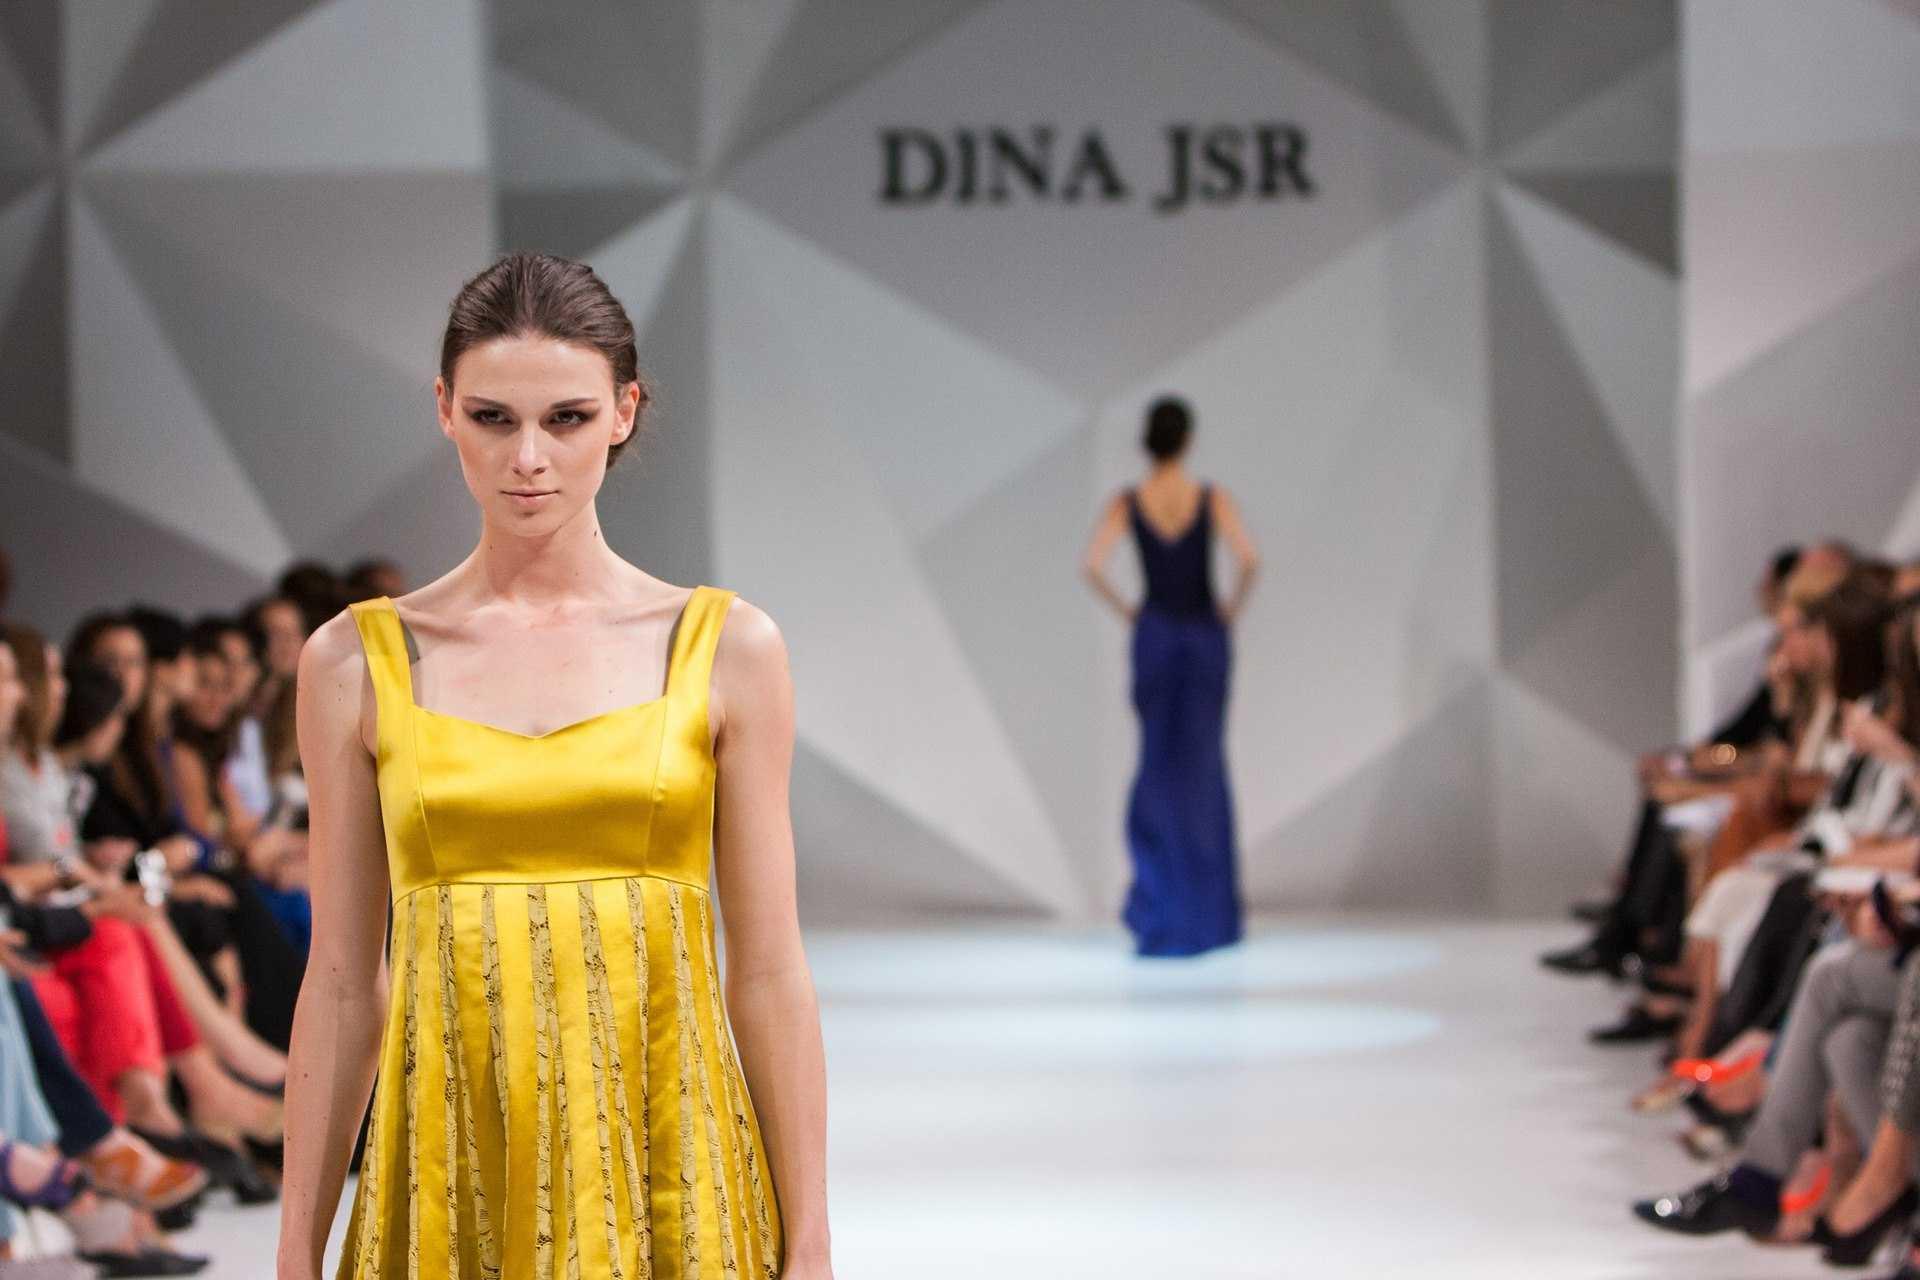 La Cina, il lusso e 10 trend della moda per il prossimo anno (secondo The State of Fashion 2019)